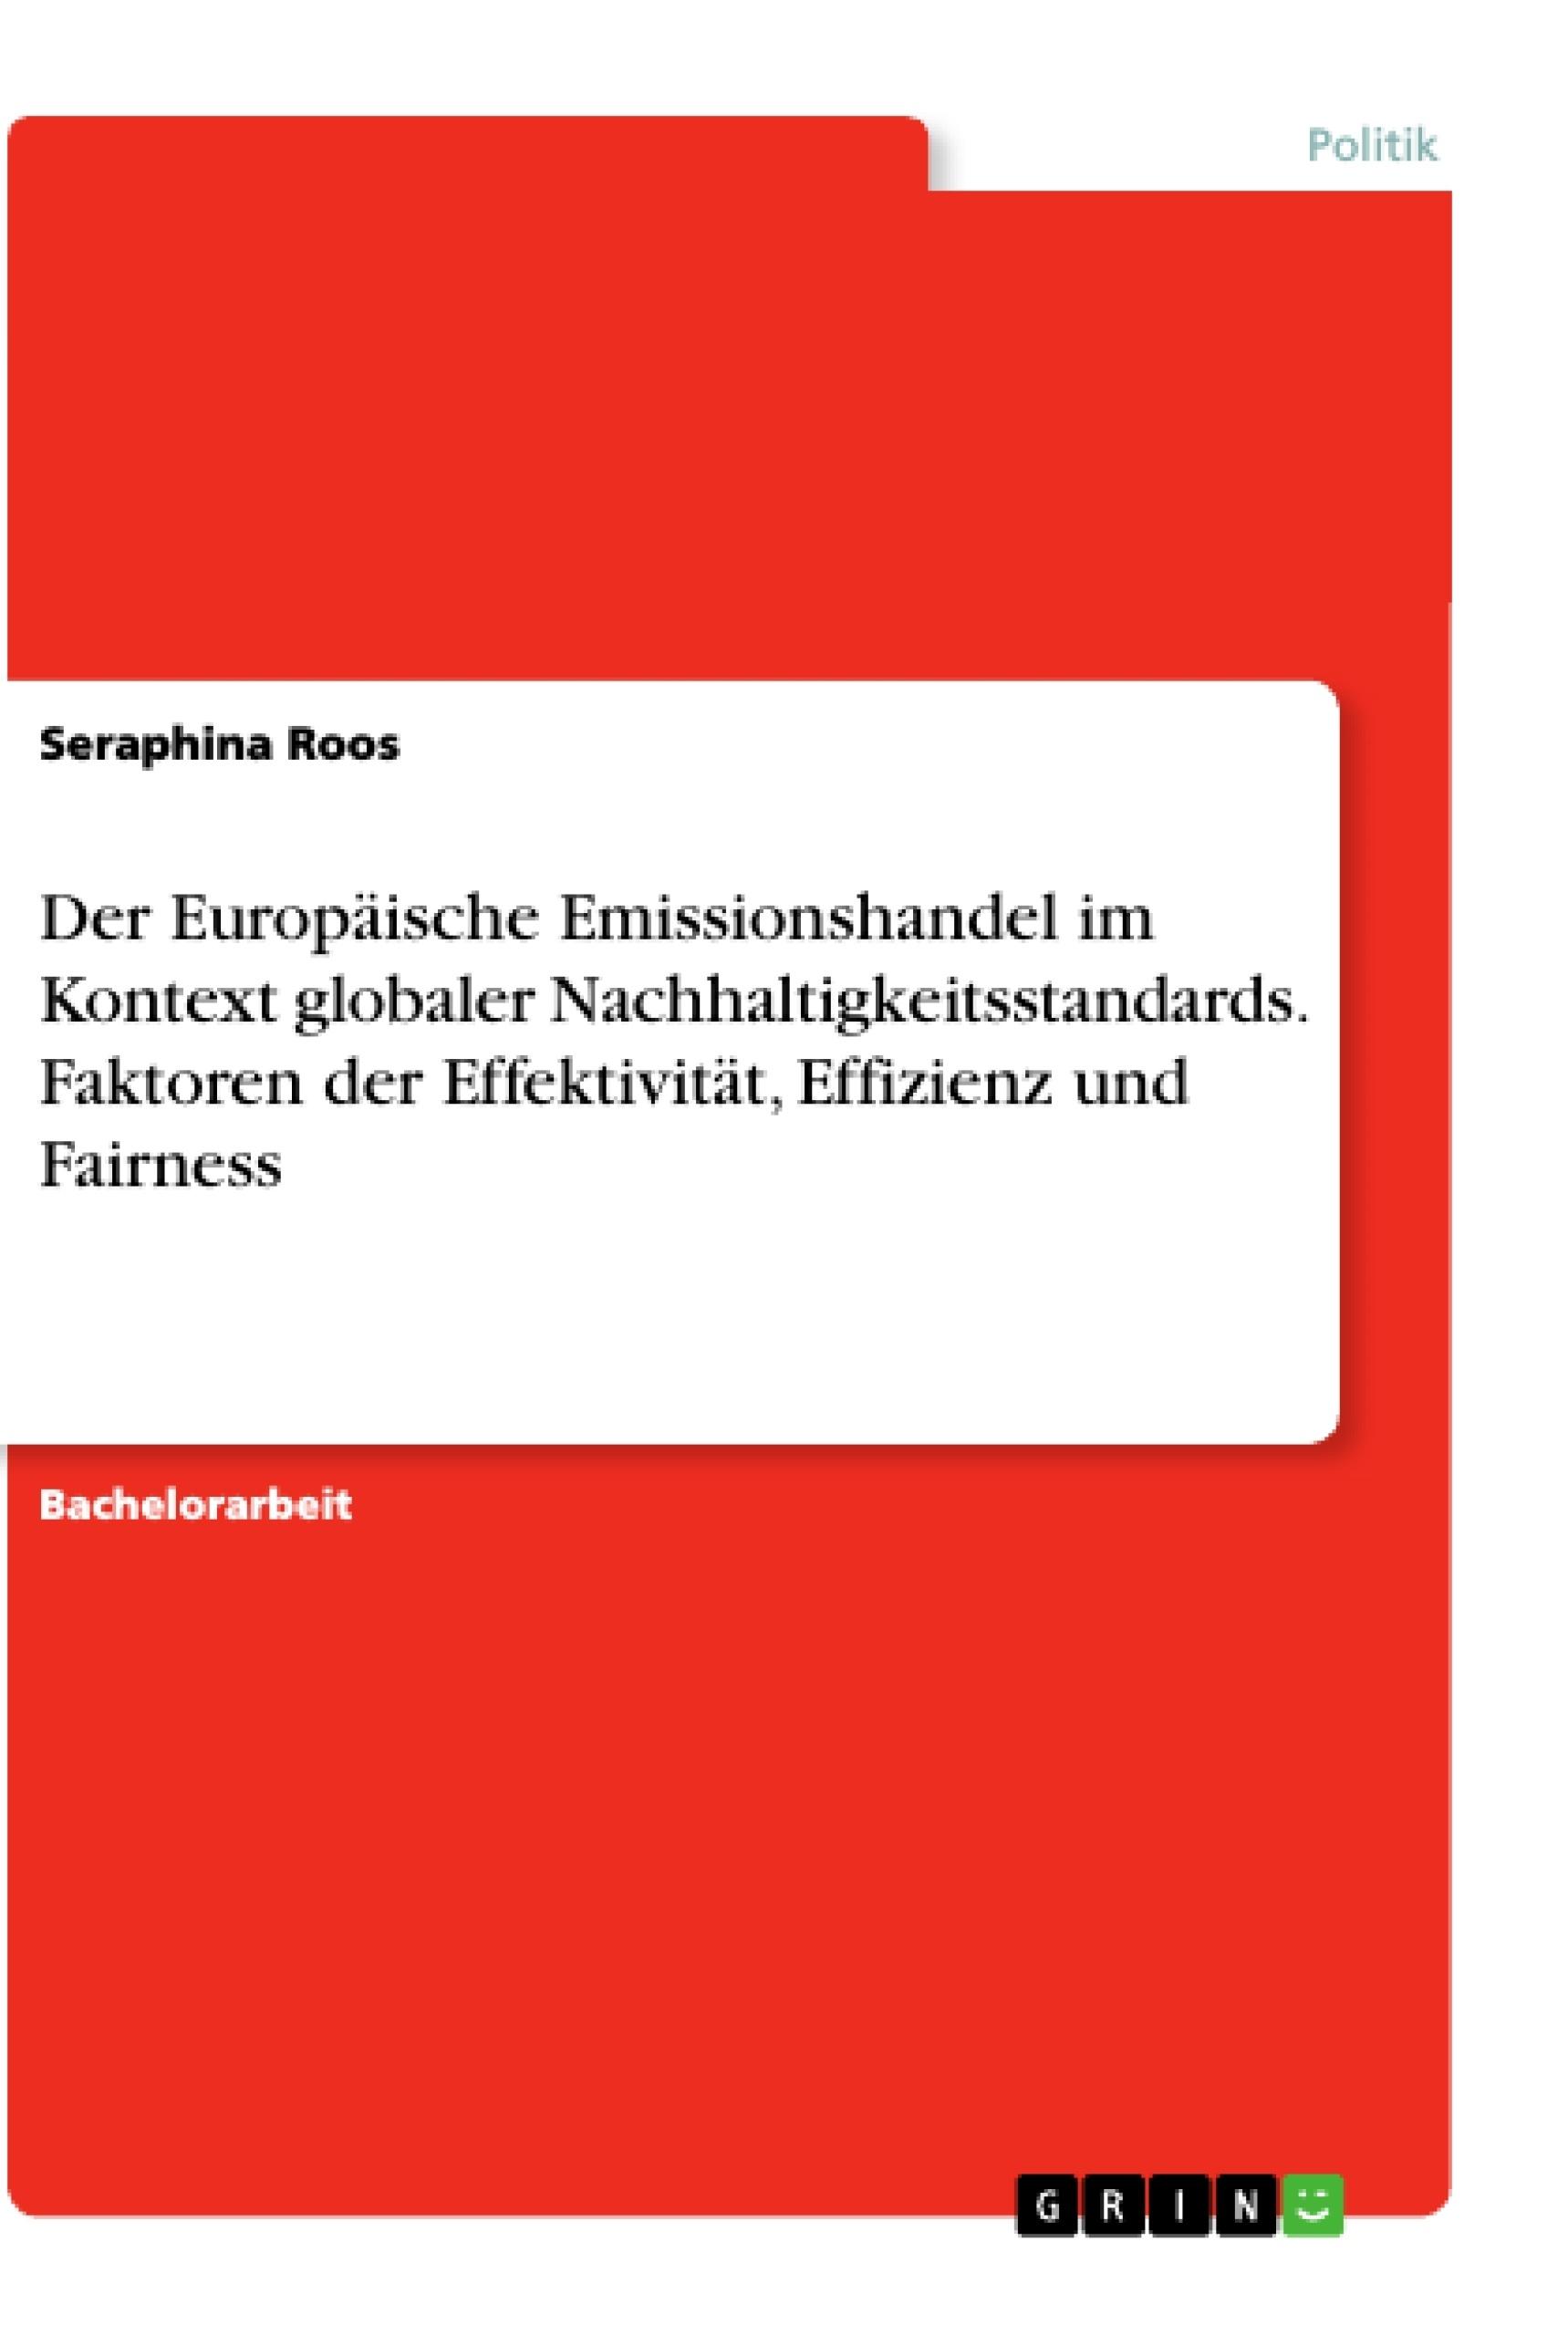 Titel: Der Europäische Emissionshandel im Kontext globaler Nachhaltigkeitsstandards. Faktoren der Effektivität, Effizienz und Fairness